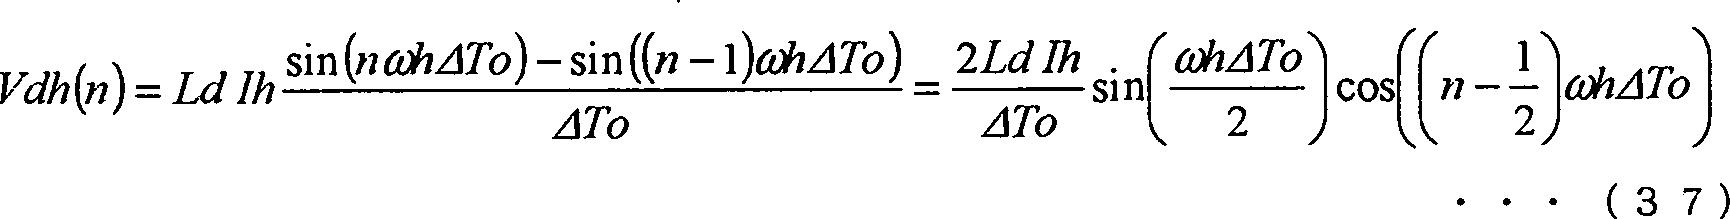 Figure DE112012003234T5_0026